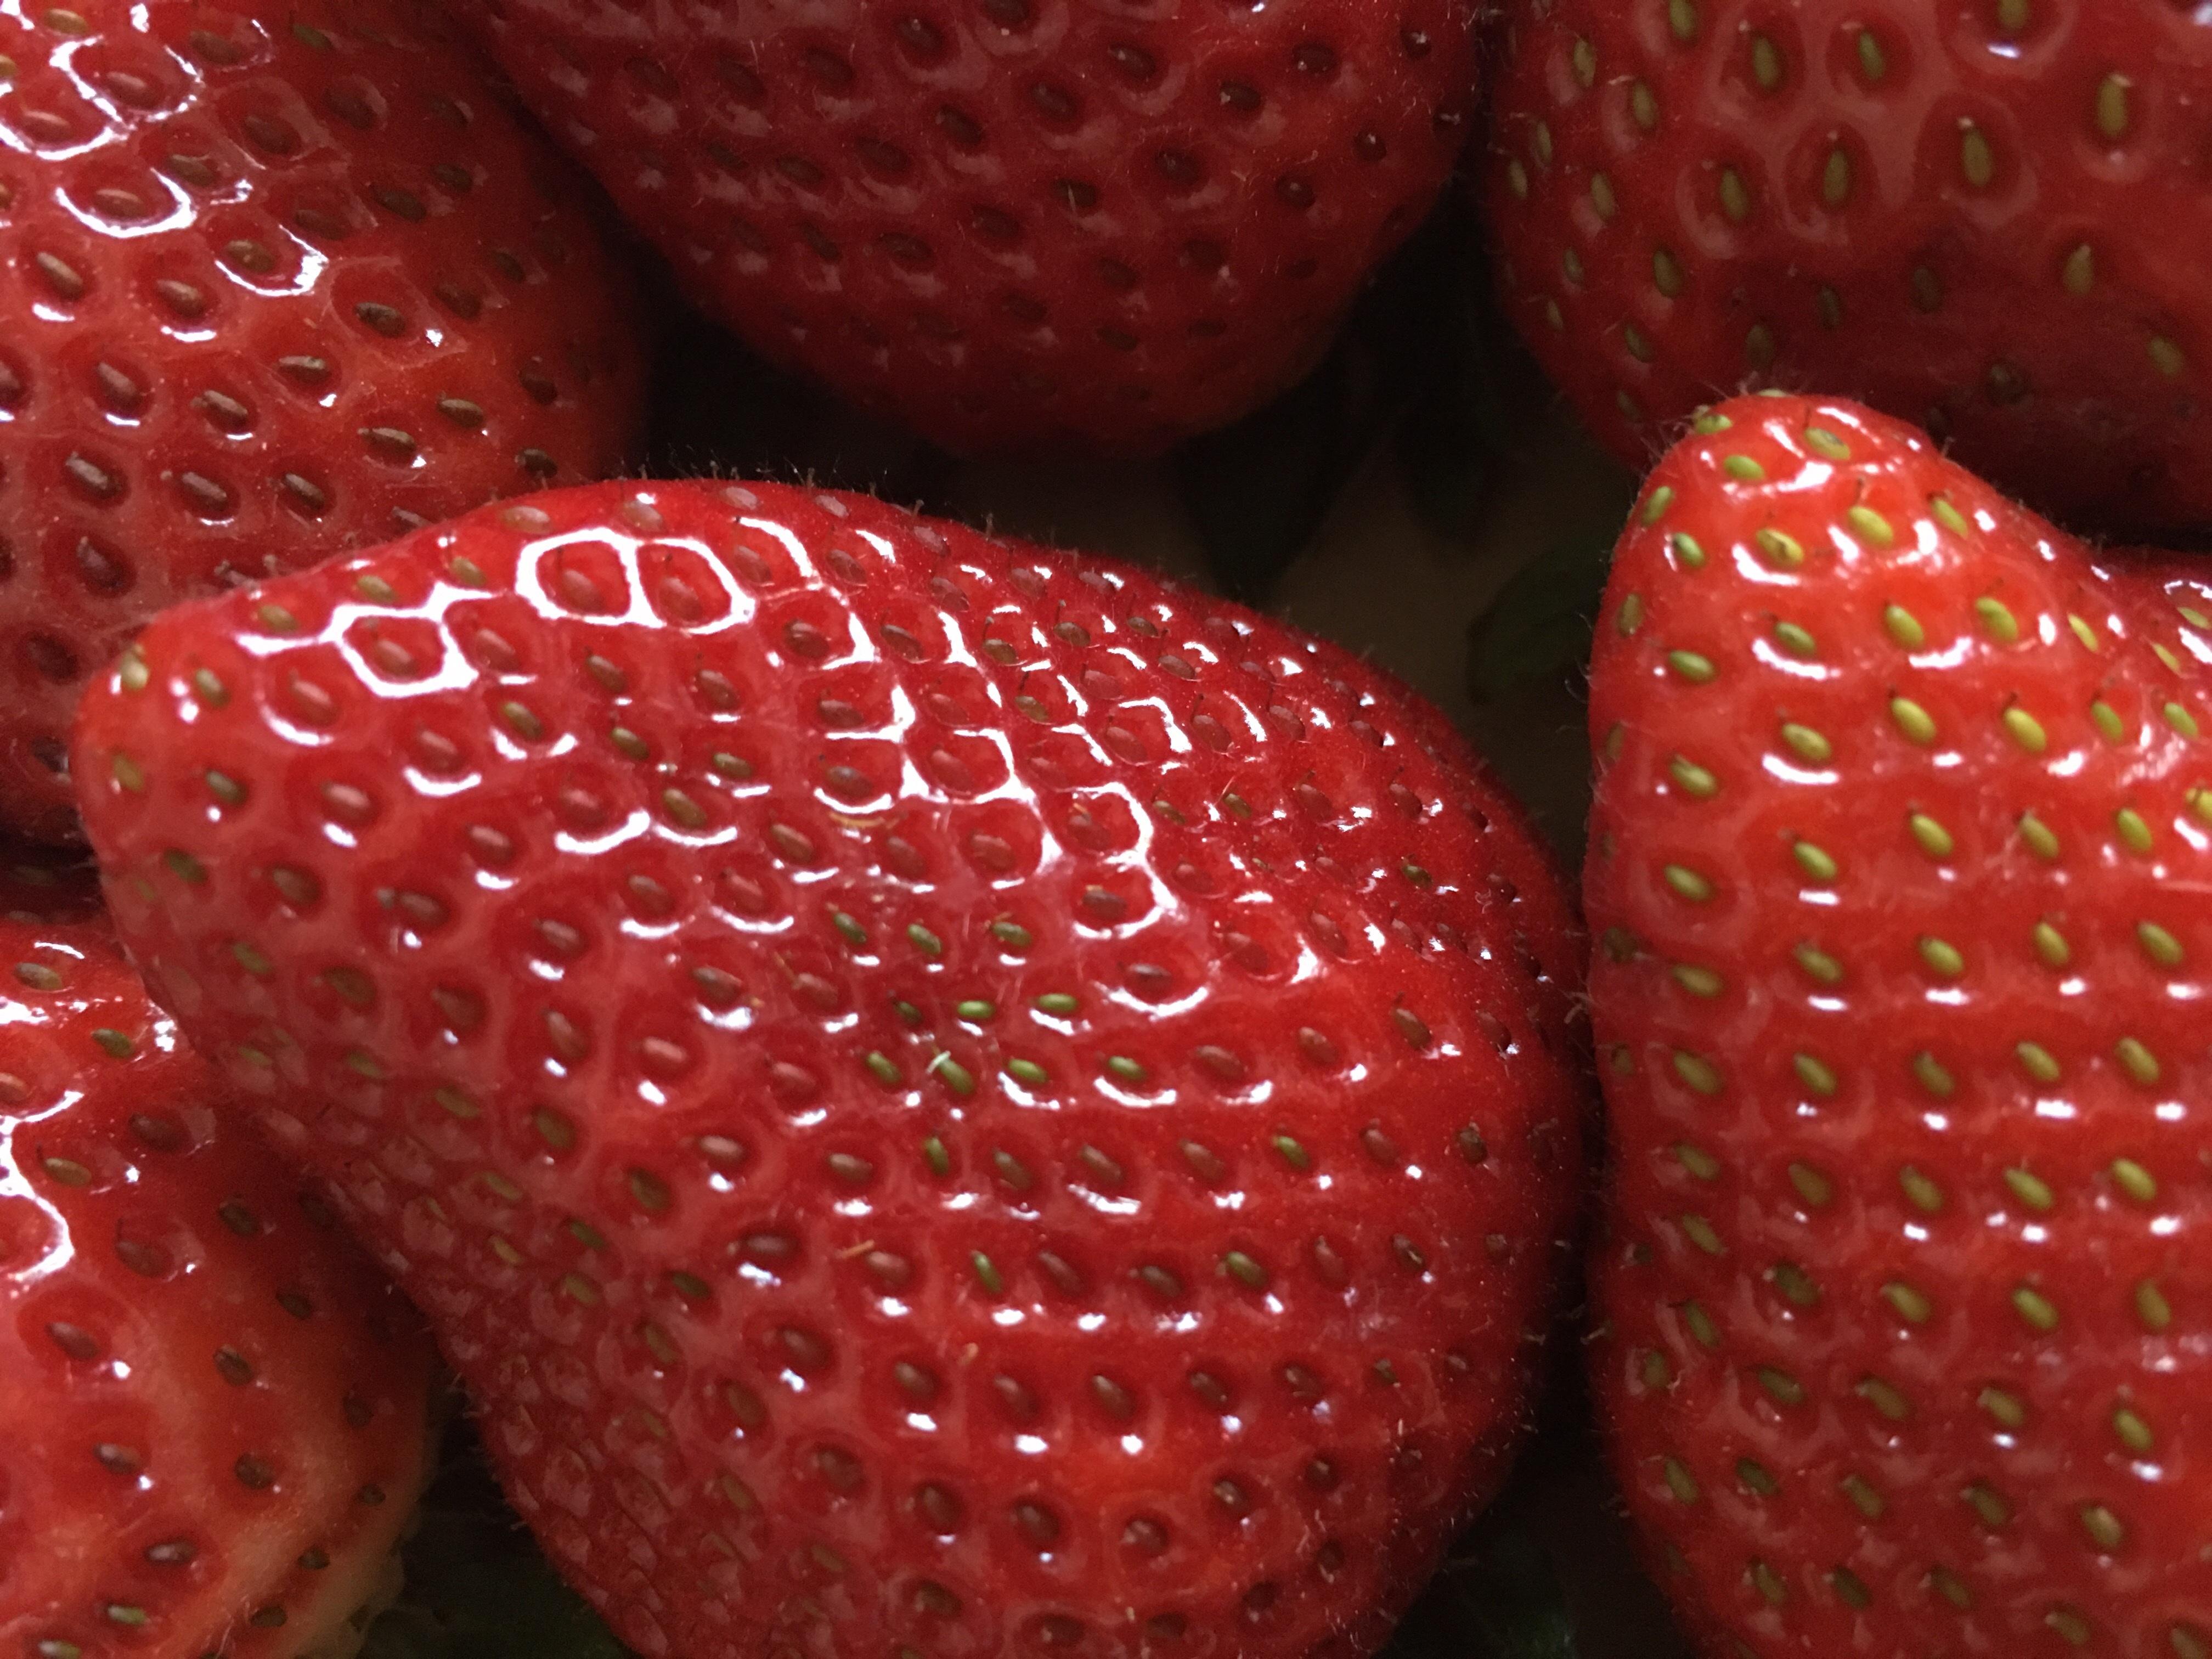 デスクトップ壁紙 フード 赤 マクロ フルーツ いちご ベリー